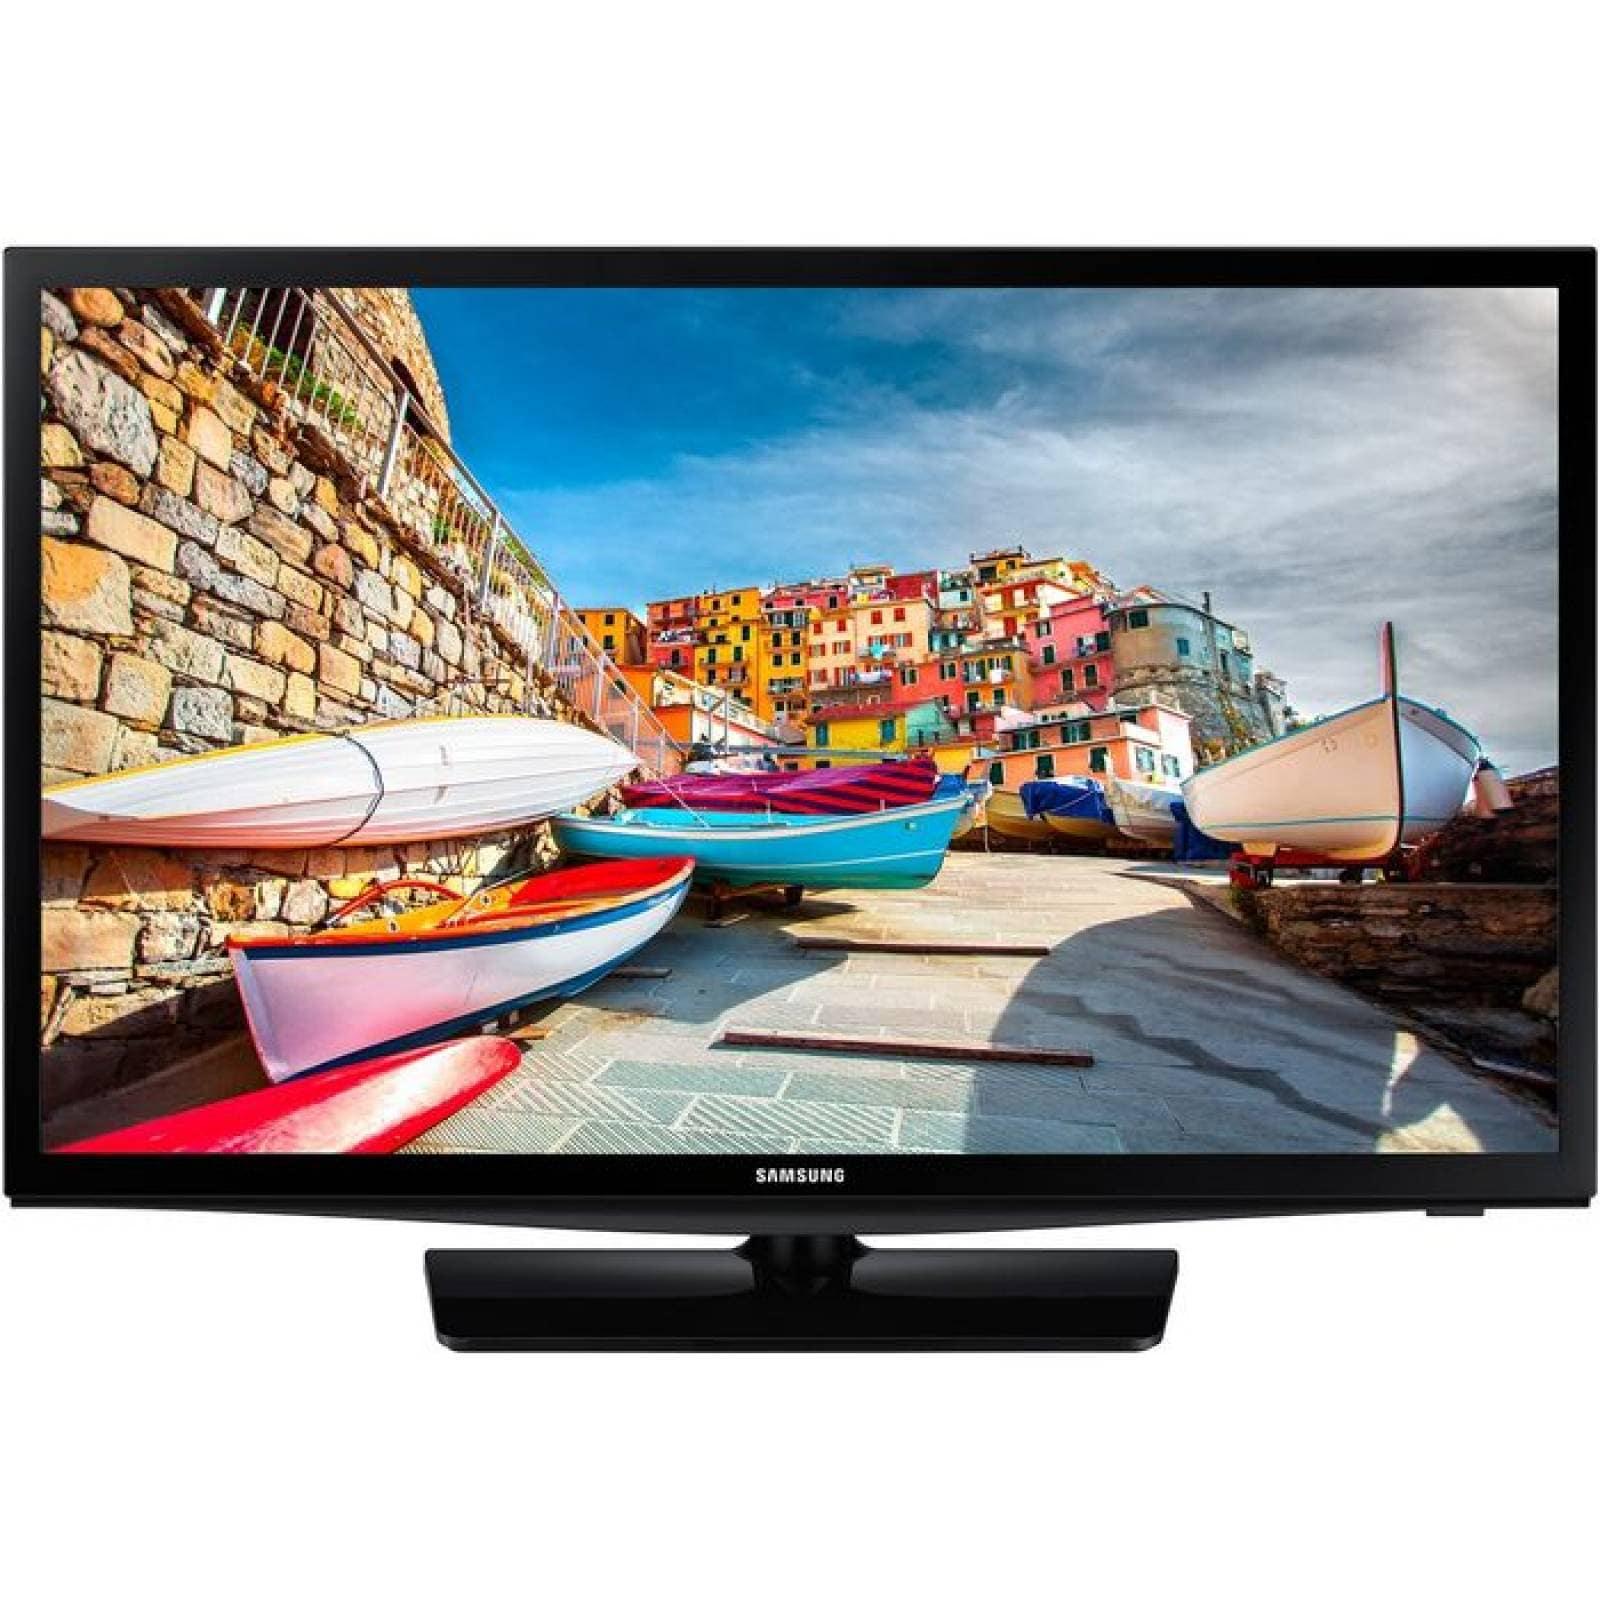 Samsung 470 HG28NE470AF 28 quot720p LEDLCD TV  16 9  HDTV  Negro